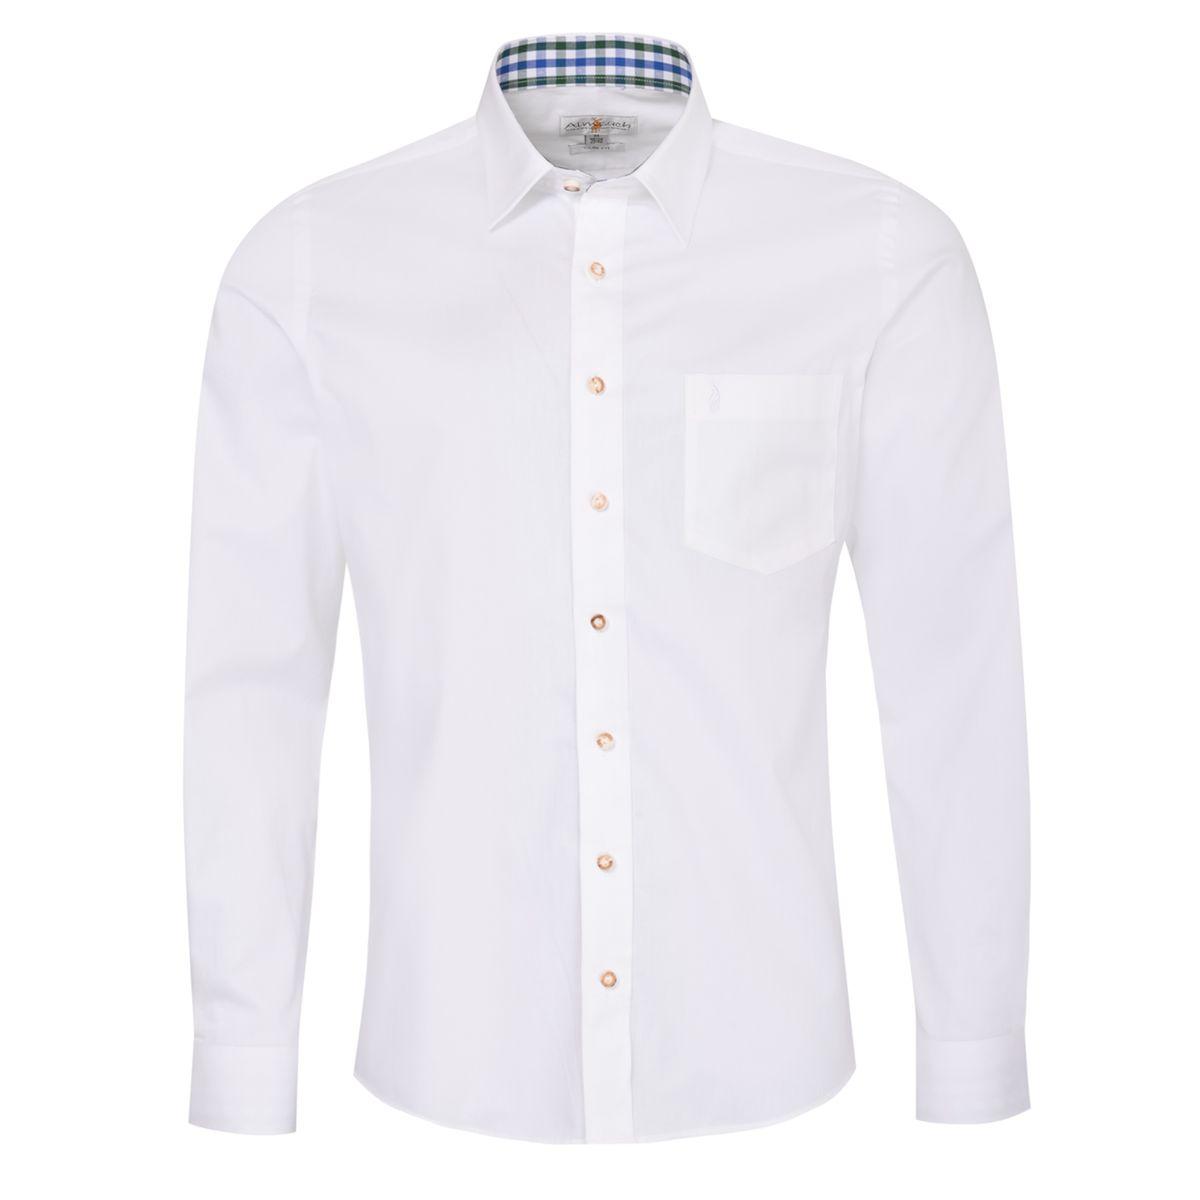 Trachtenhemd Dirk Slim Fit zweifarbig in Weiß und Dunkelgrün von Almsach günstig online kaufen